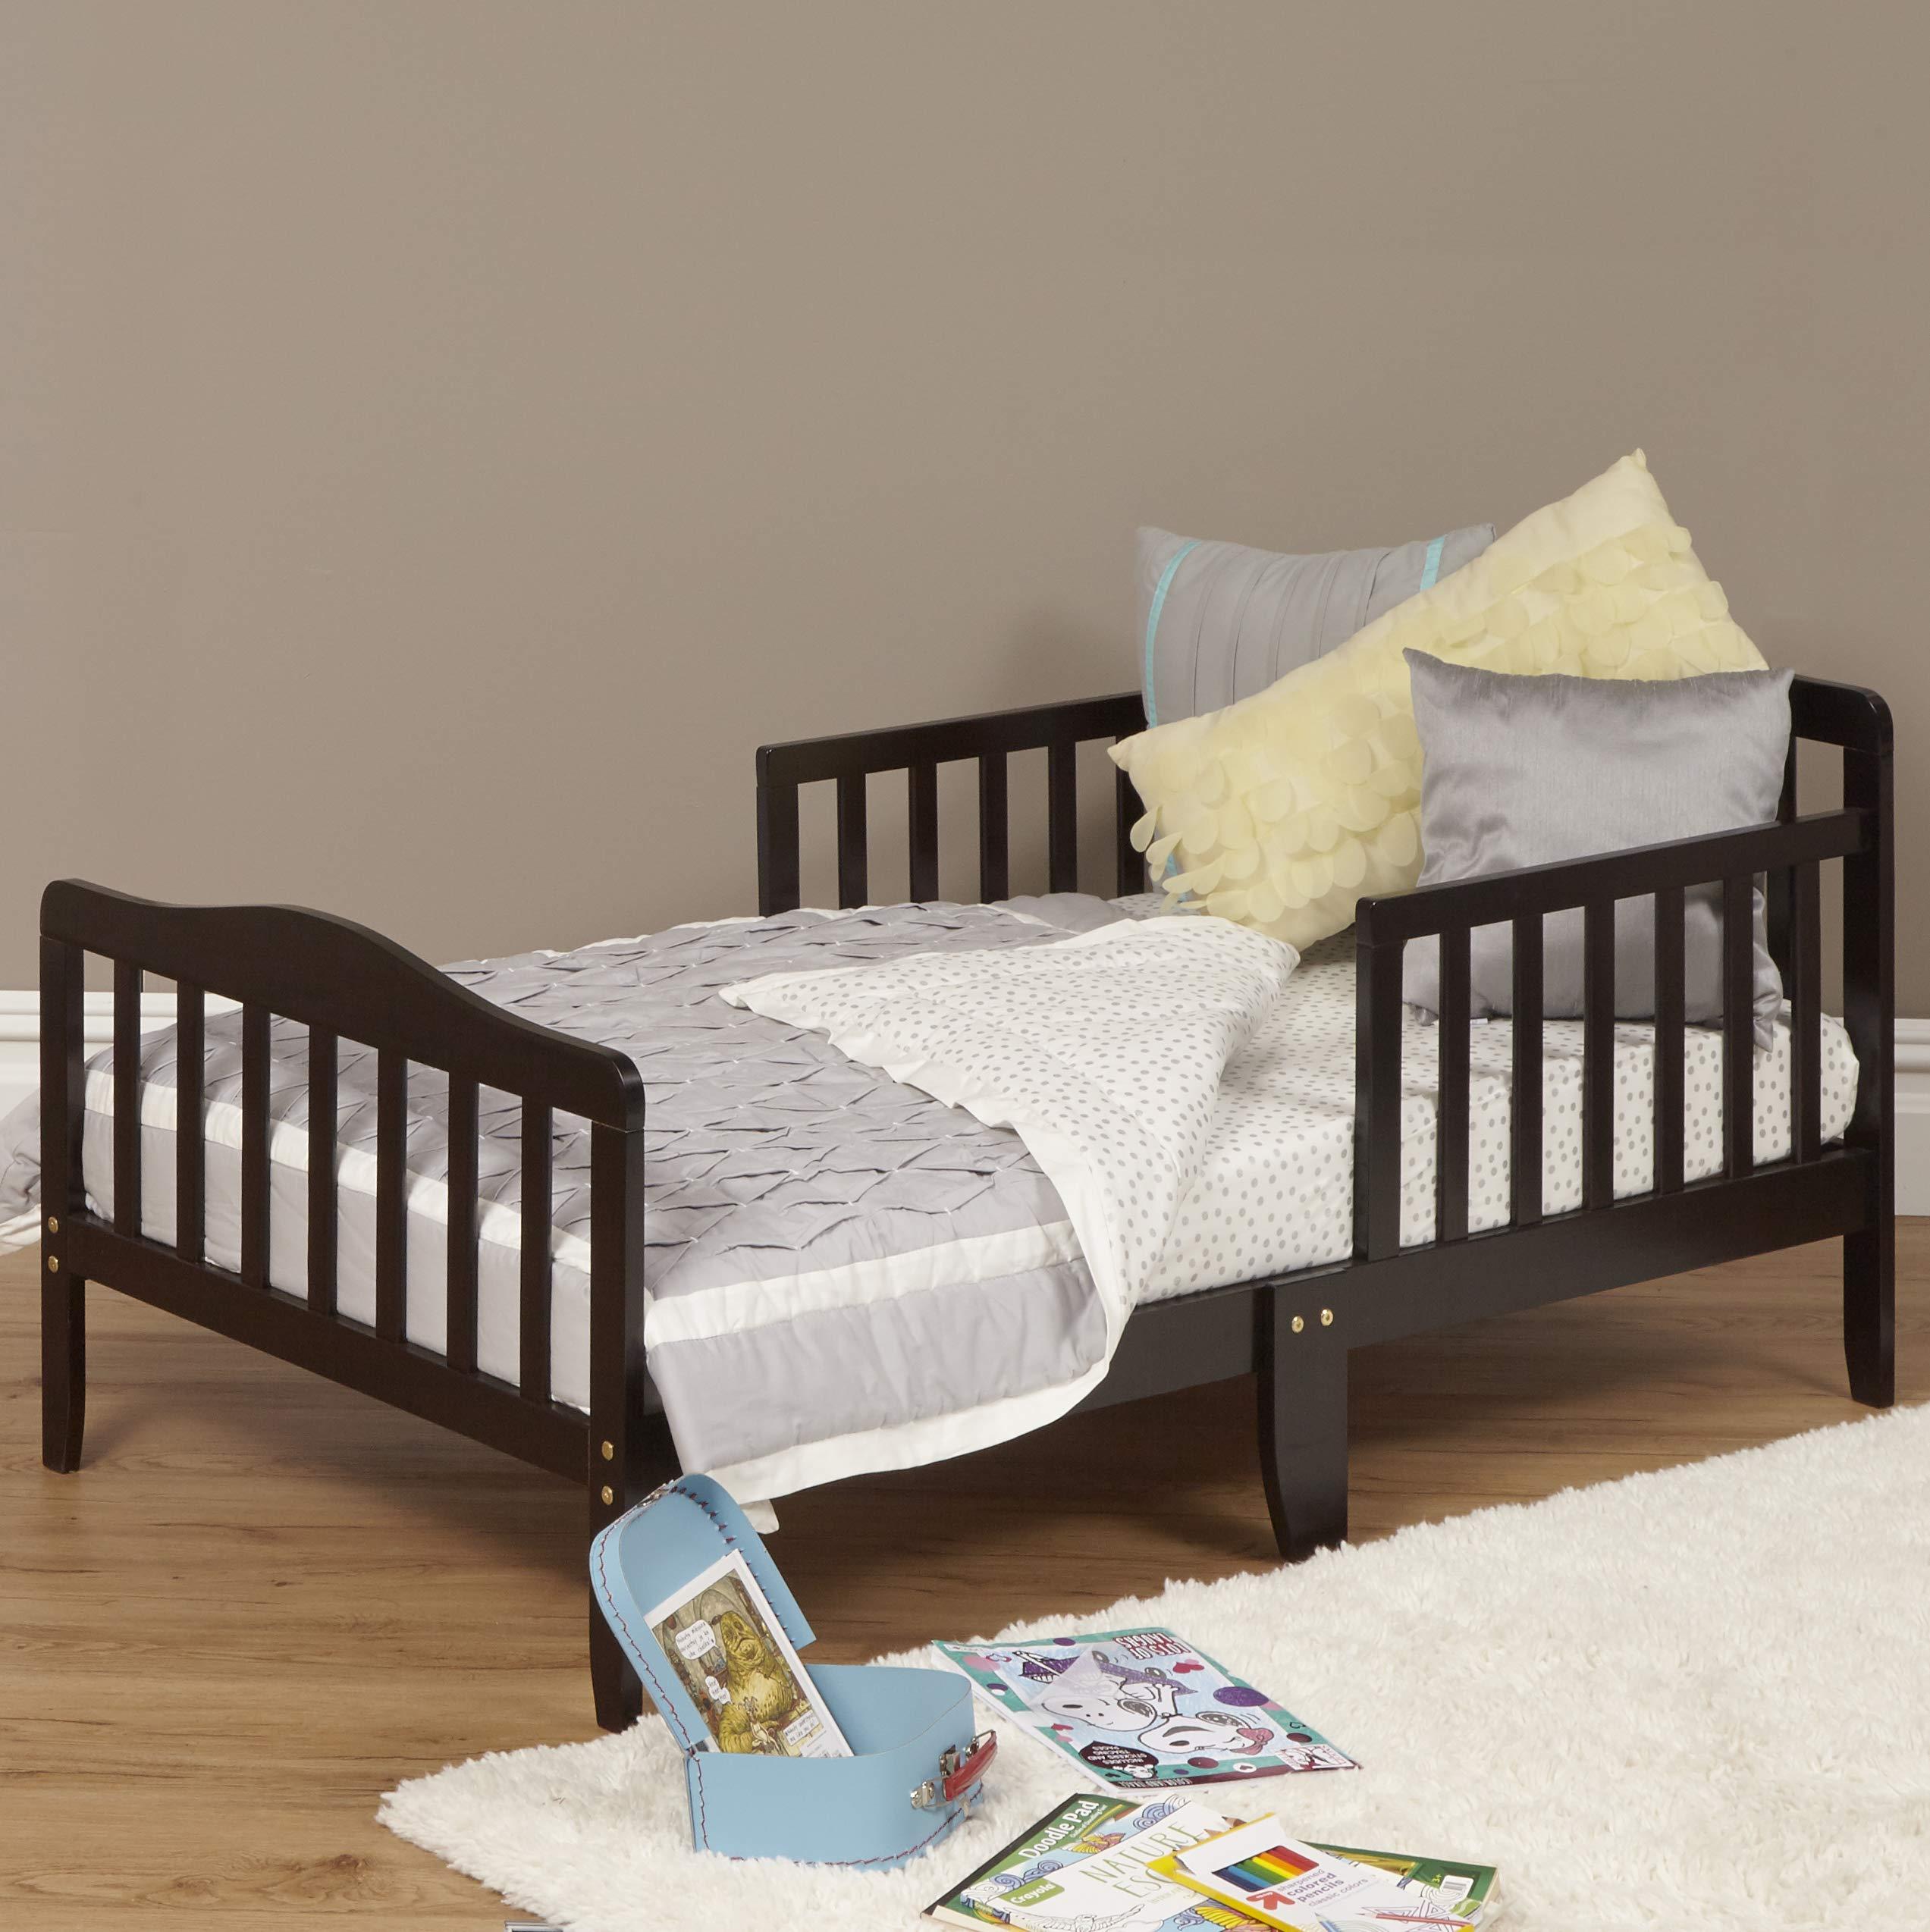 Suite Bebe Blaire Toddler Bed Espresso by Suite Bebe